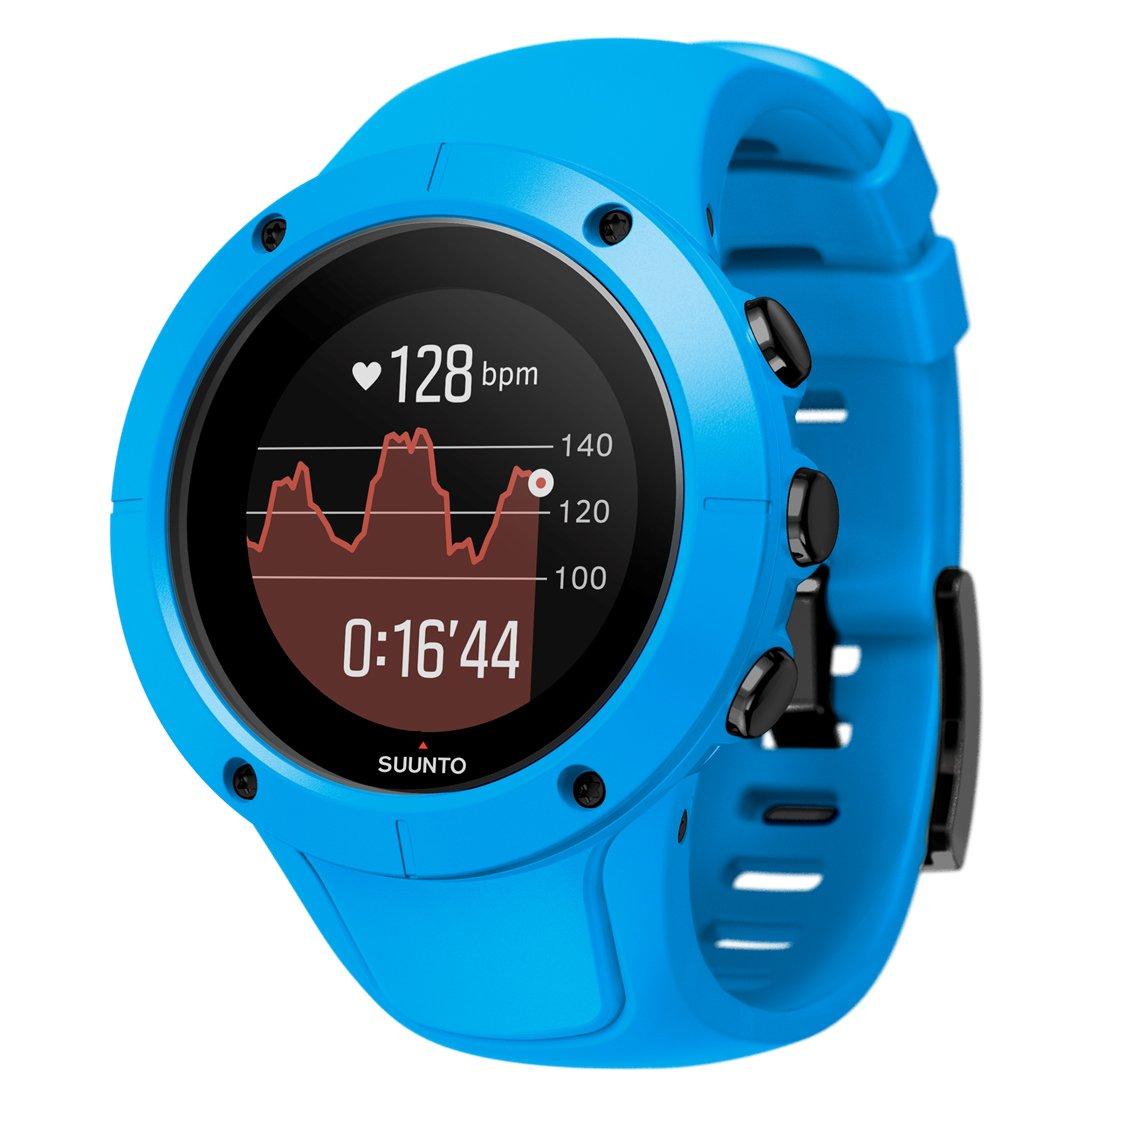 SUUNTO SPARTAN TRAINER WRIST HR (スント スパルタン トレーナー リストHR) ランニングウォッチ GPS 防水 心拍計 [日本正規品] B073P7HJ53 ブルー ブルー